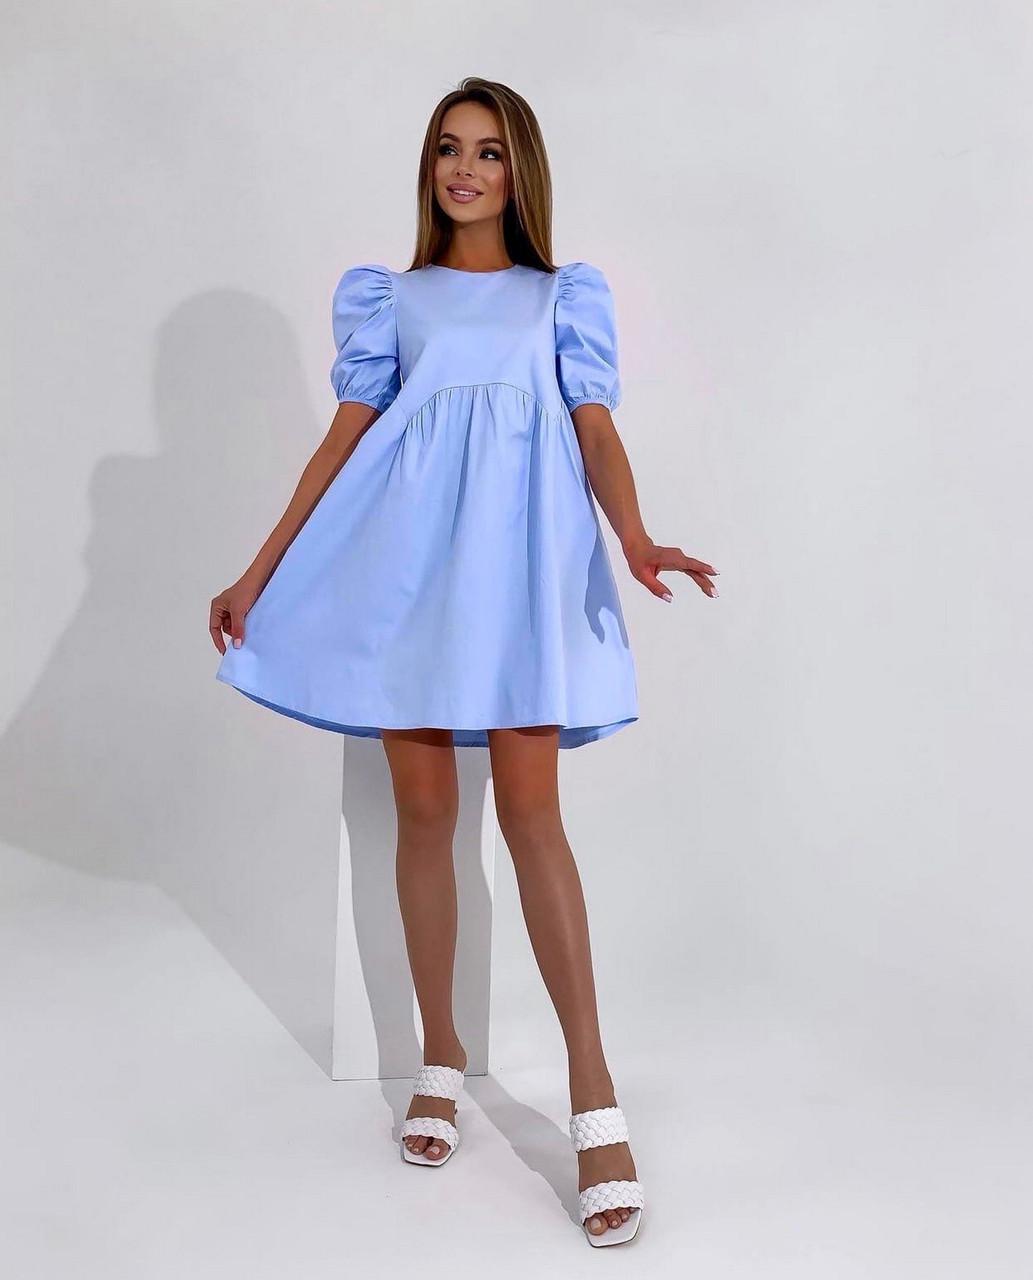 Лаконичное платье весна-лето из коттона с коротким рукавом с завышенной талией, 01020 (Голубой), Размер 42 (S)